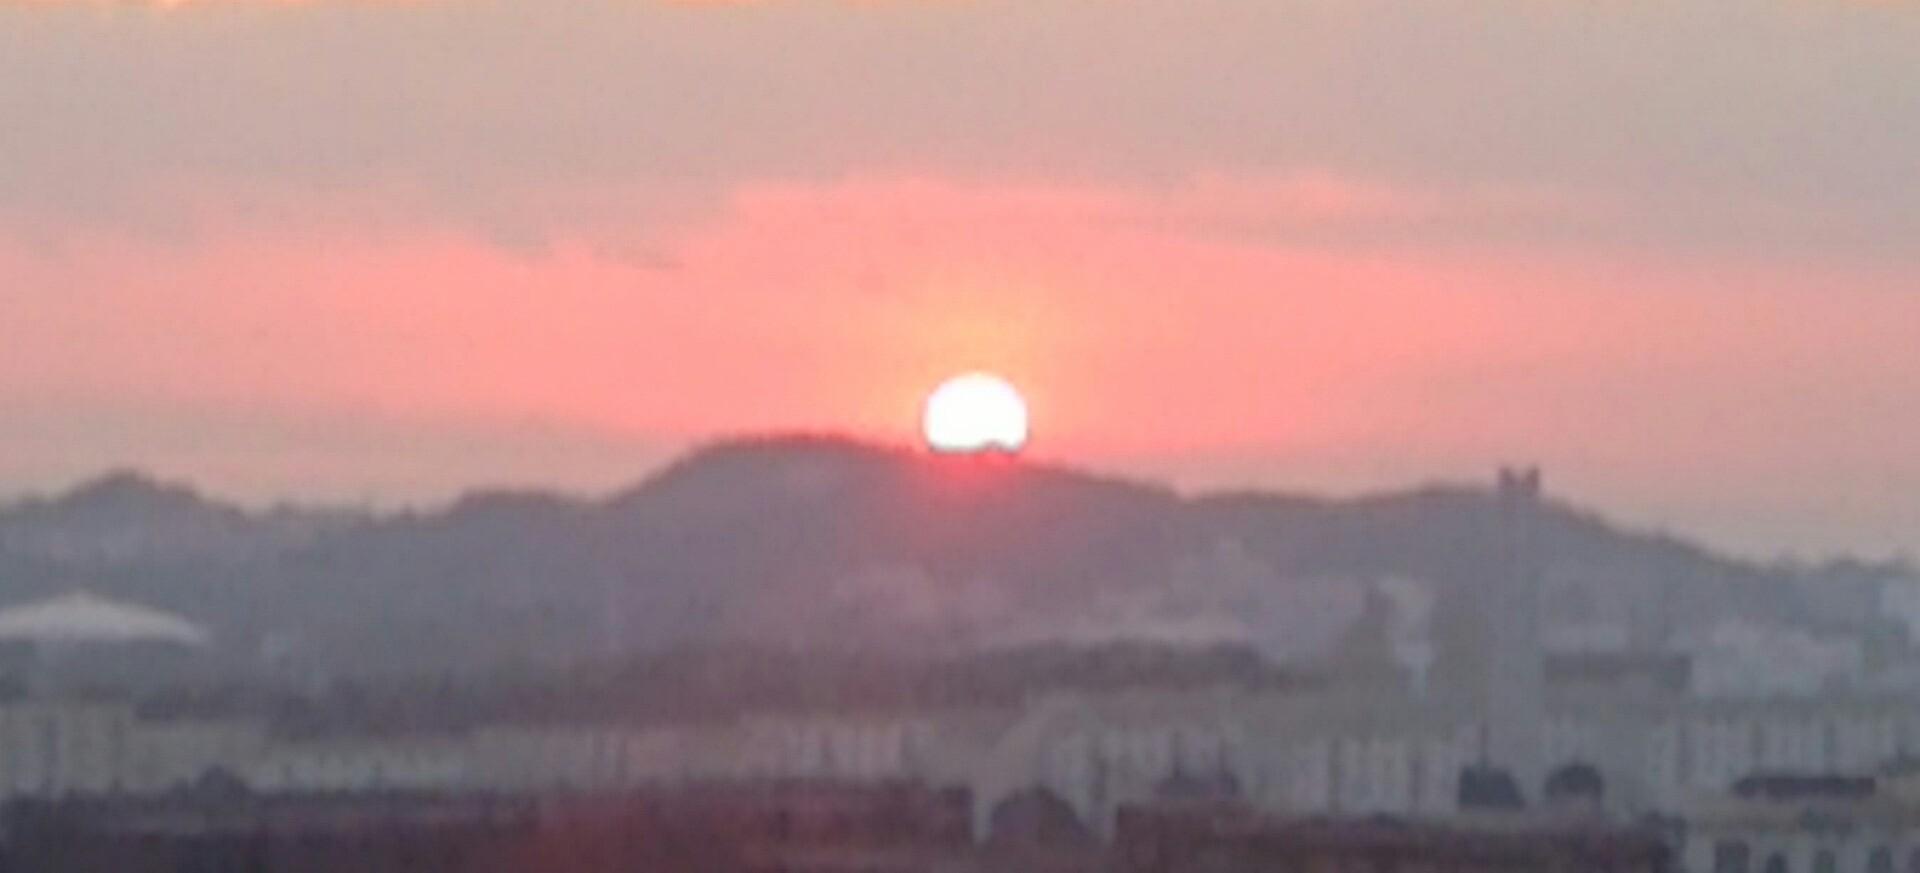 神戸須磨から大晦日の夕陽_a0098174_22033907.jpg